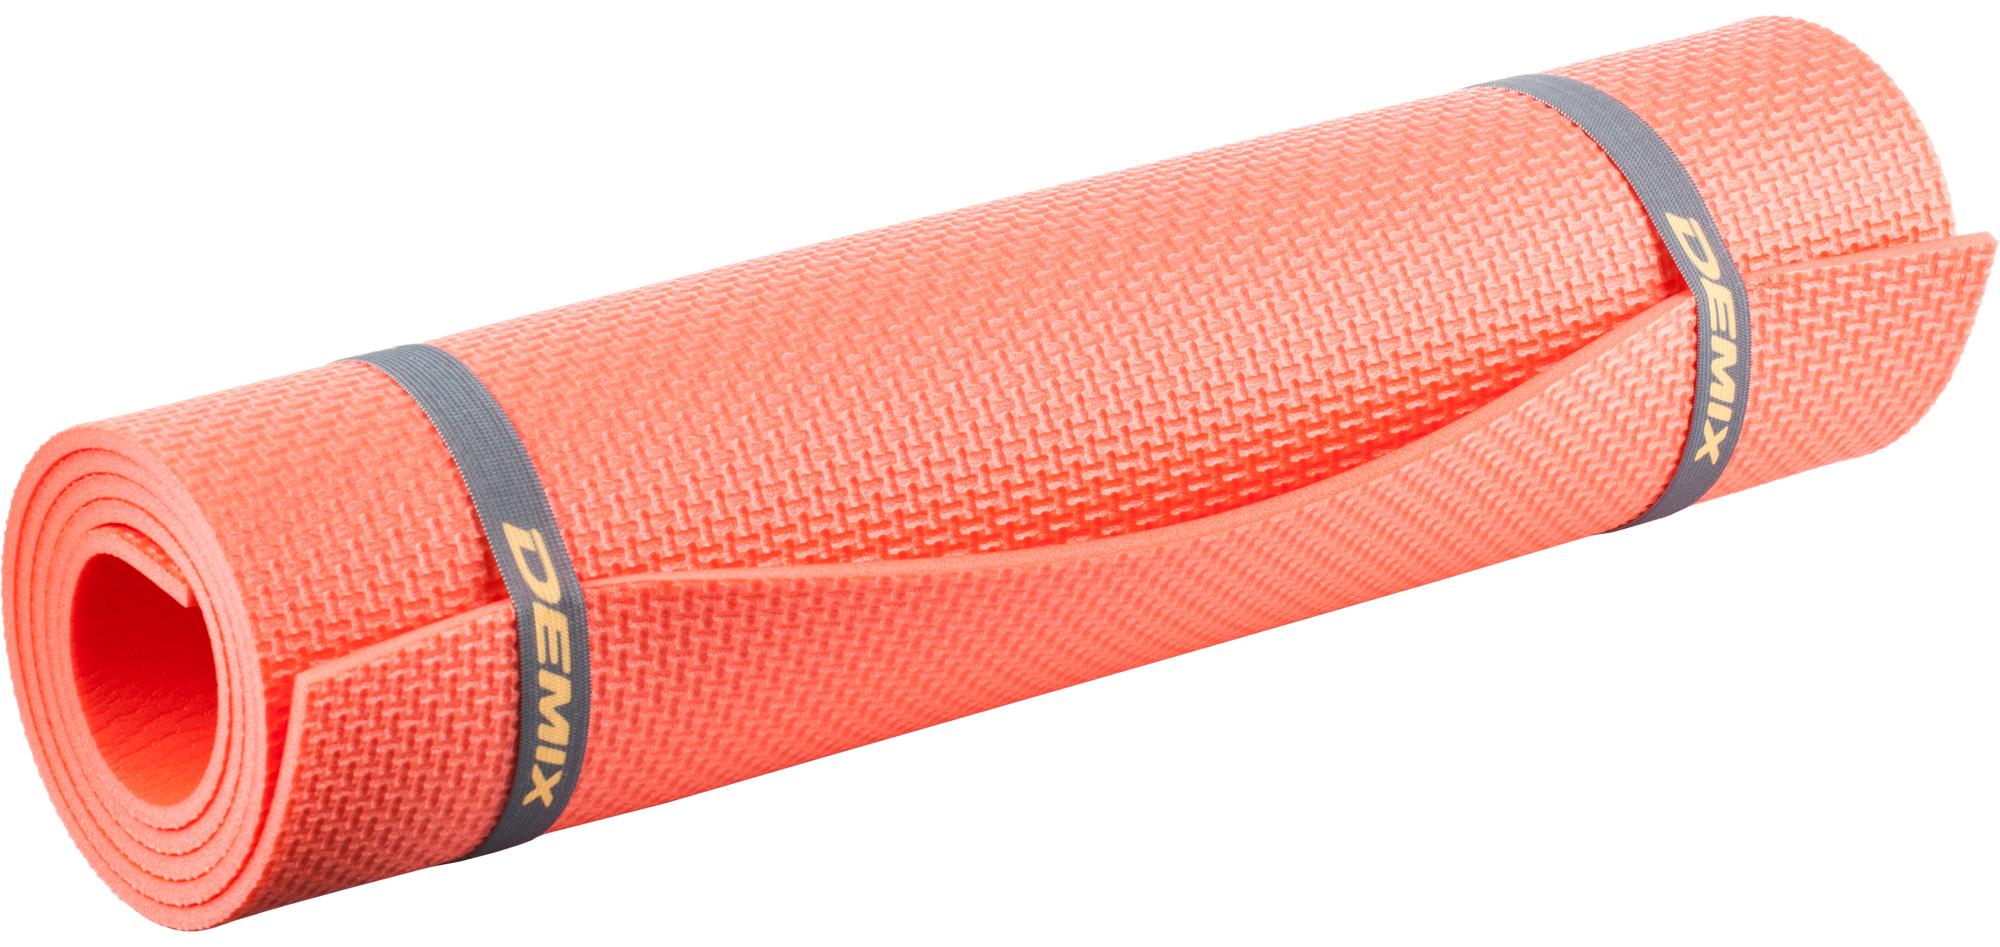 Demix Коврик для фитнеса Demix demix пояс для кимоно demix 280 см